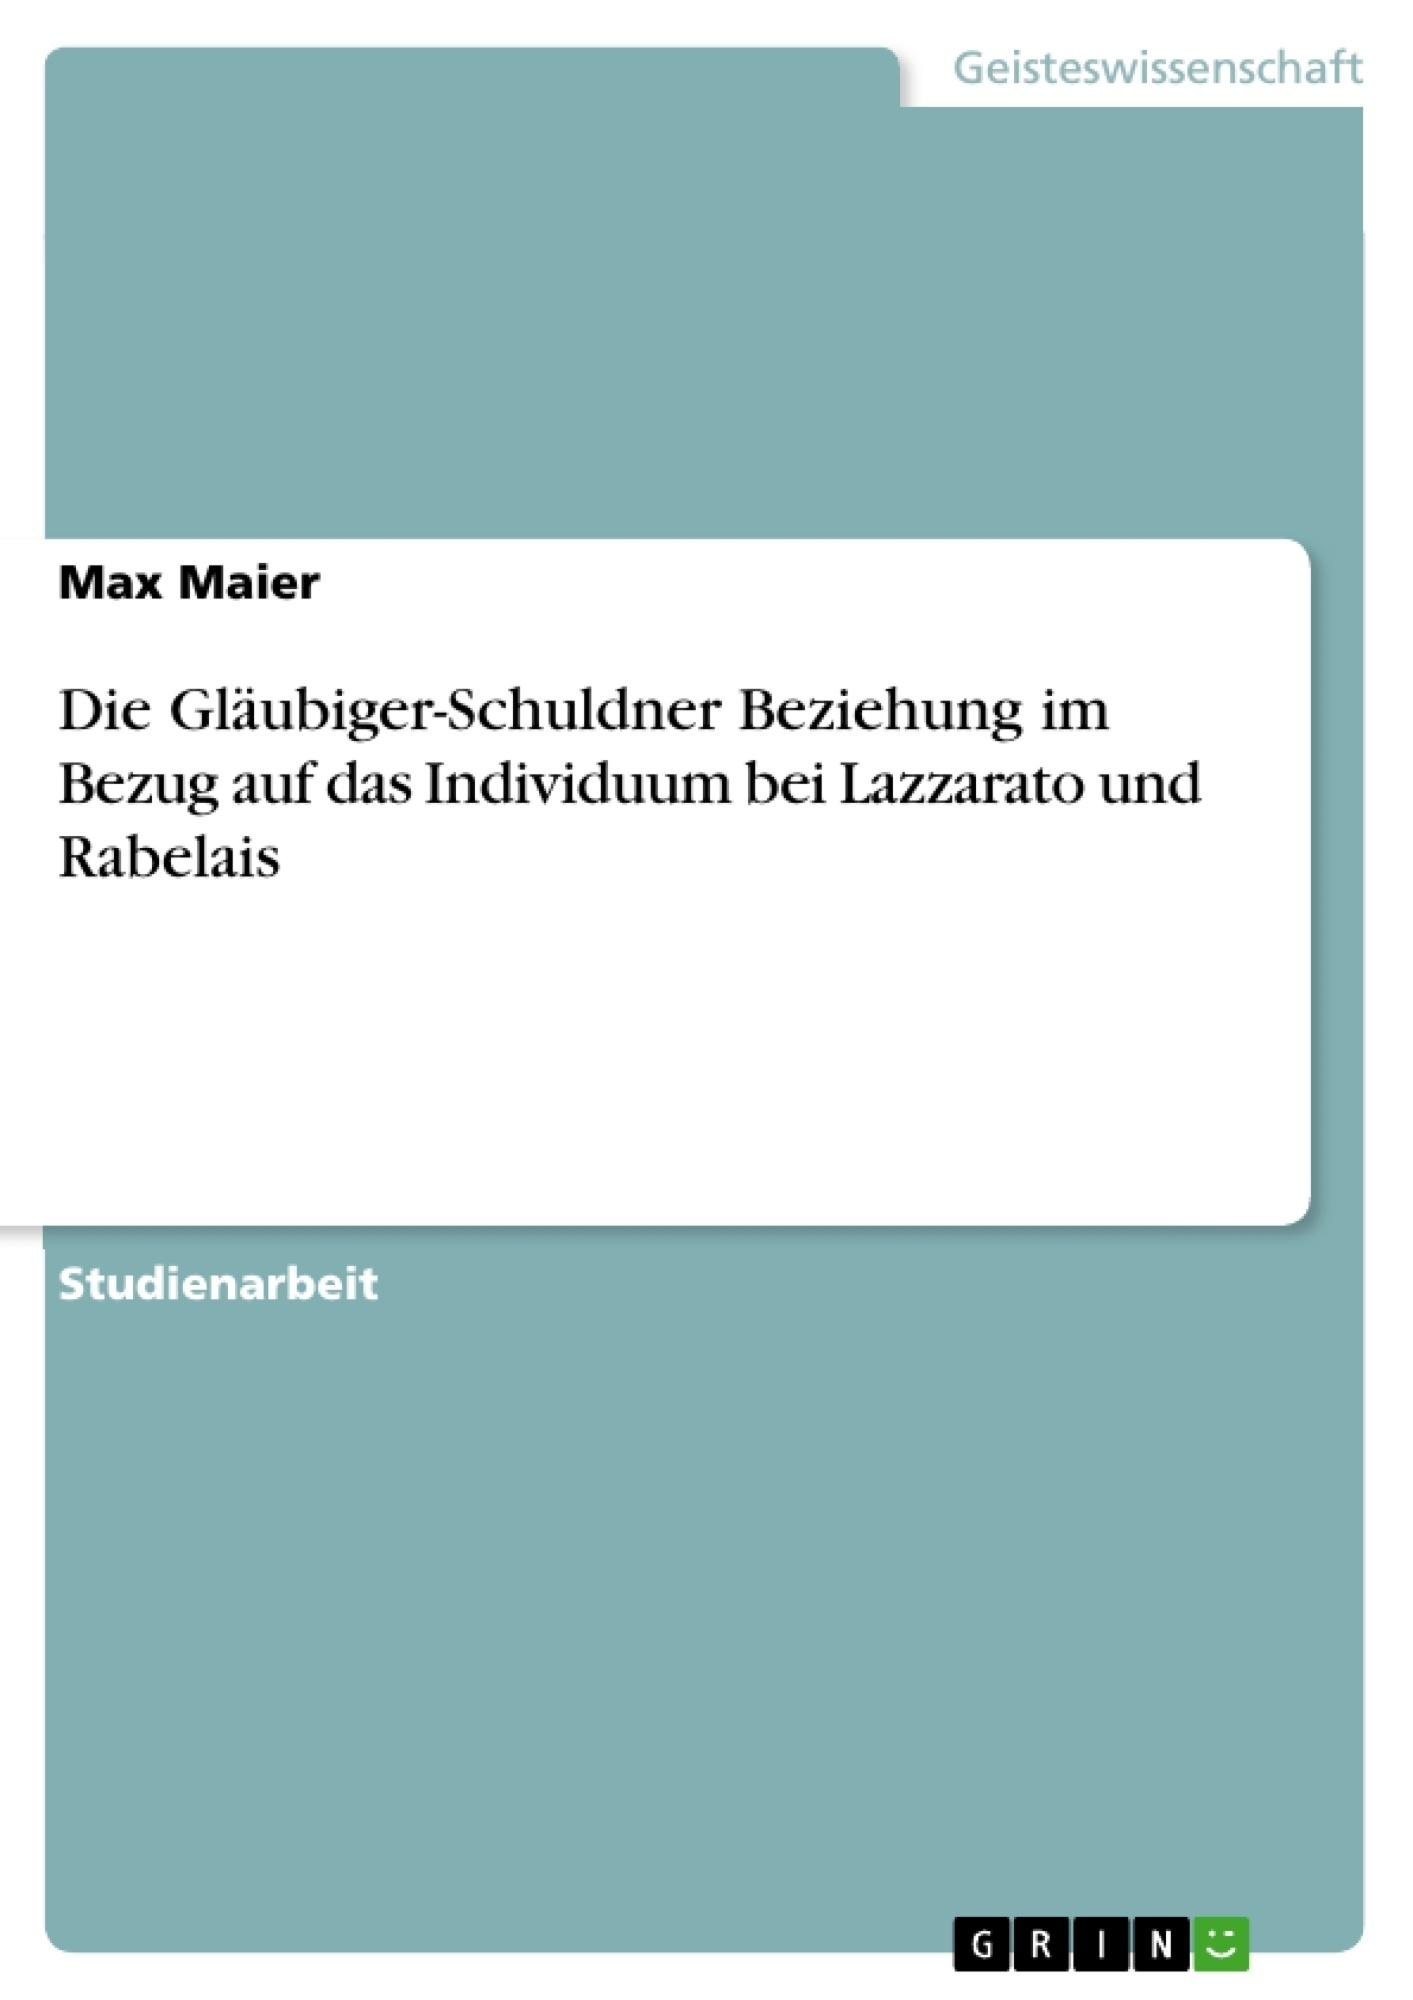 Titel: Die Gläubiger-Schuldner Beziehung im Bezug auf das Individuum bei Lazzarato und Rabelais